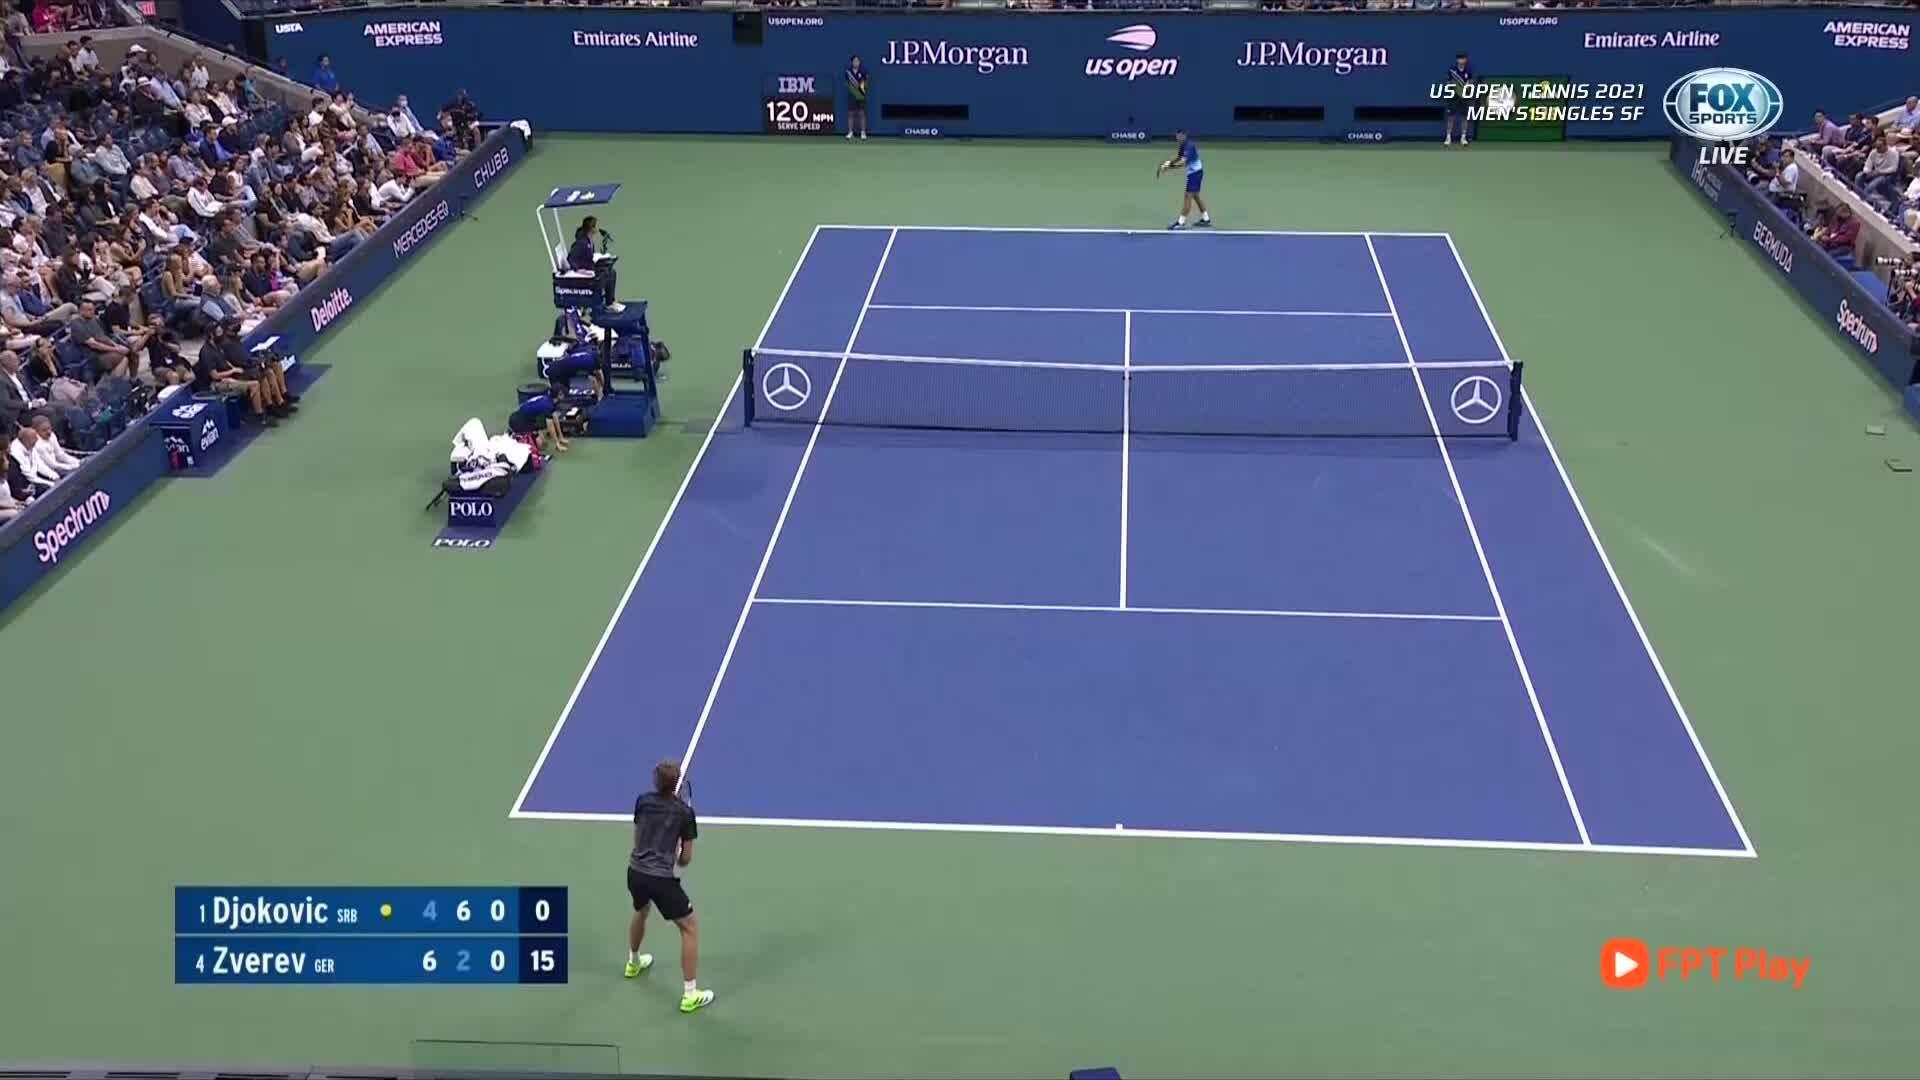 2-1 untuk Djokovic di set ketiga